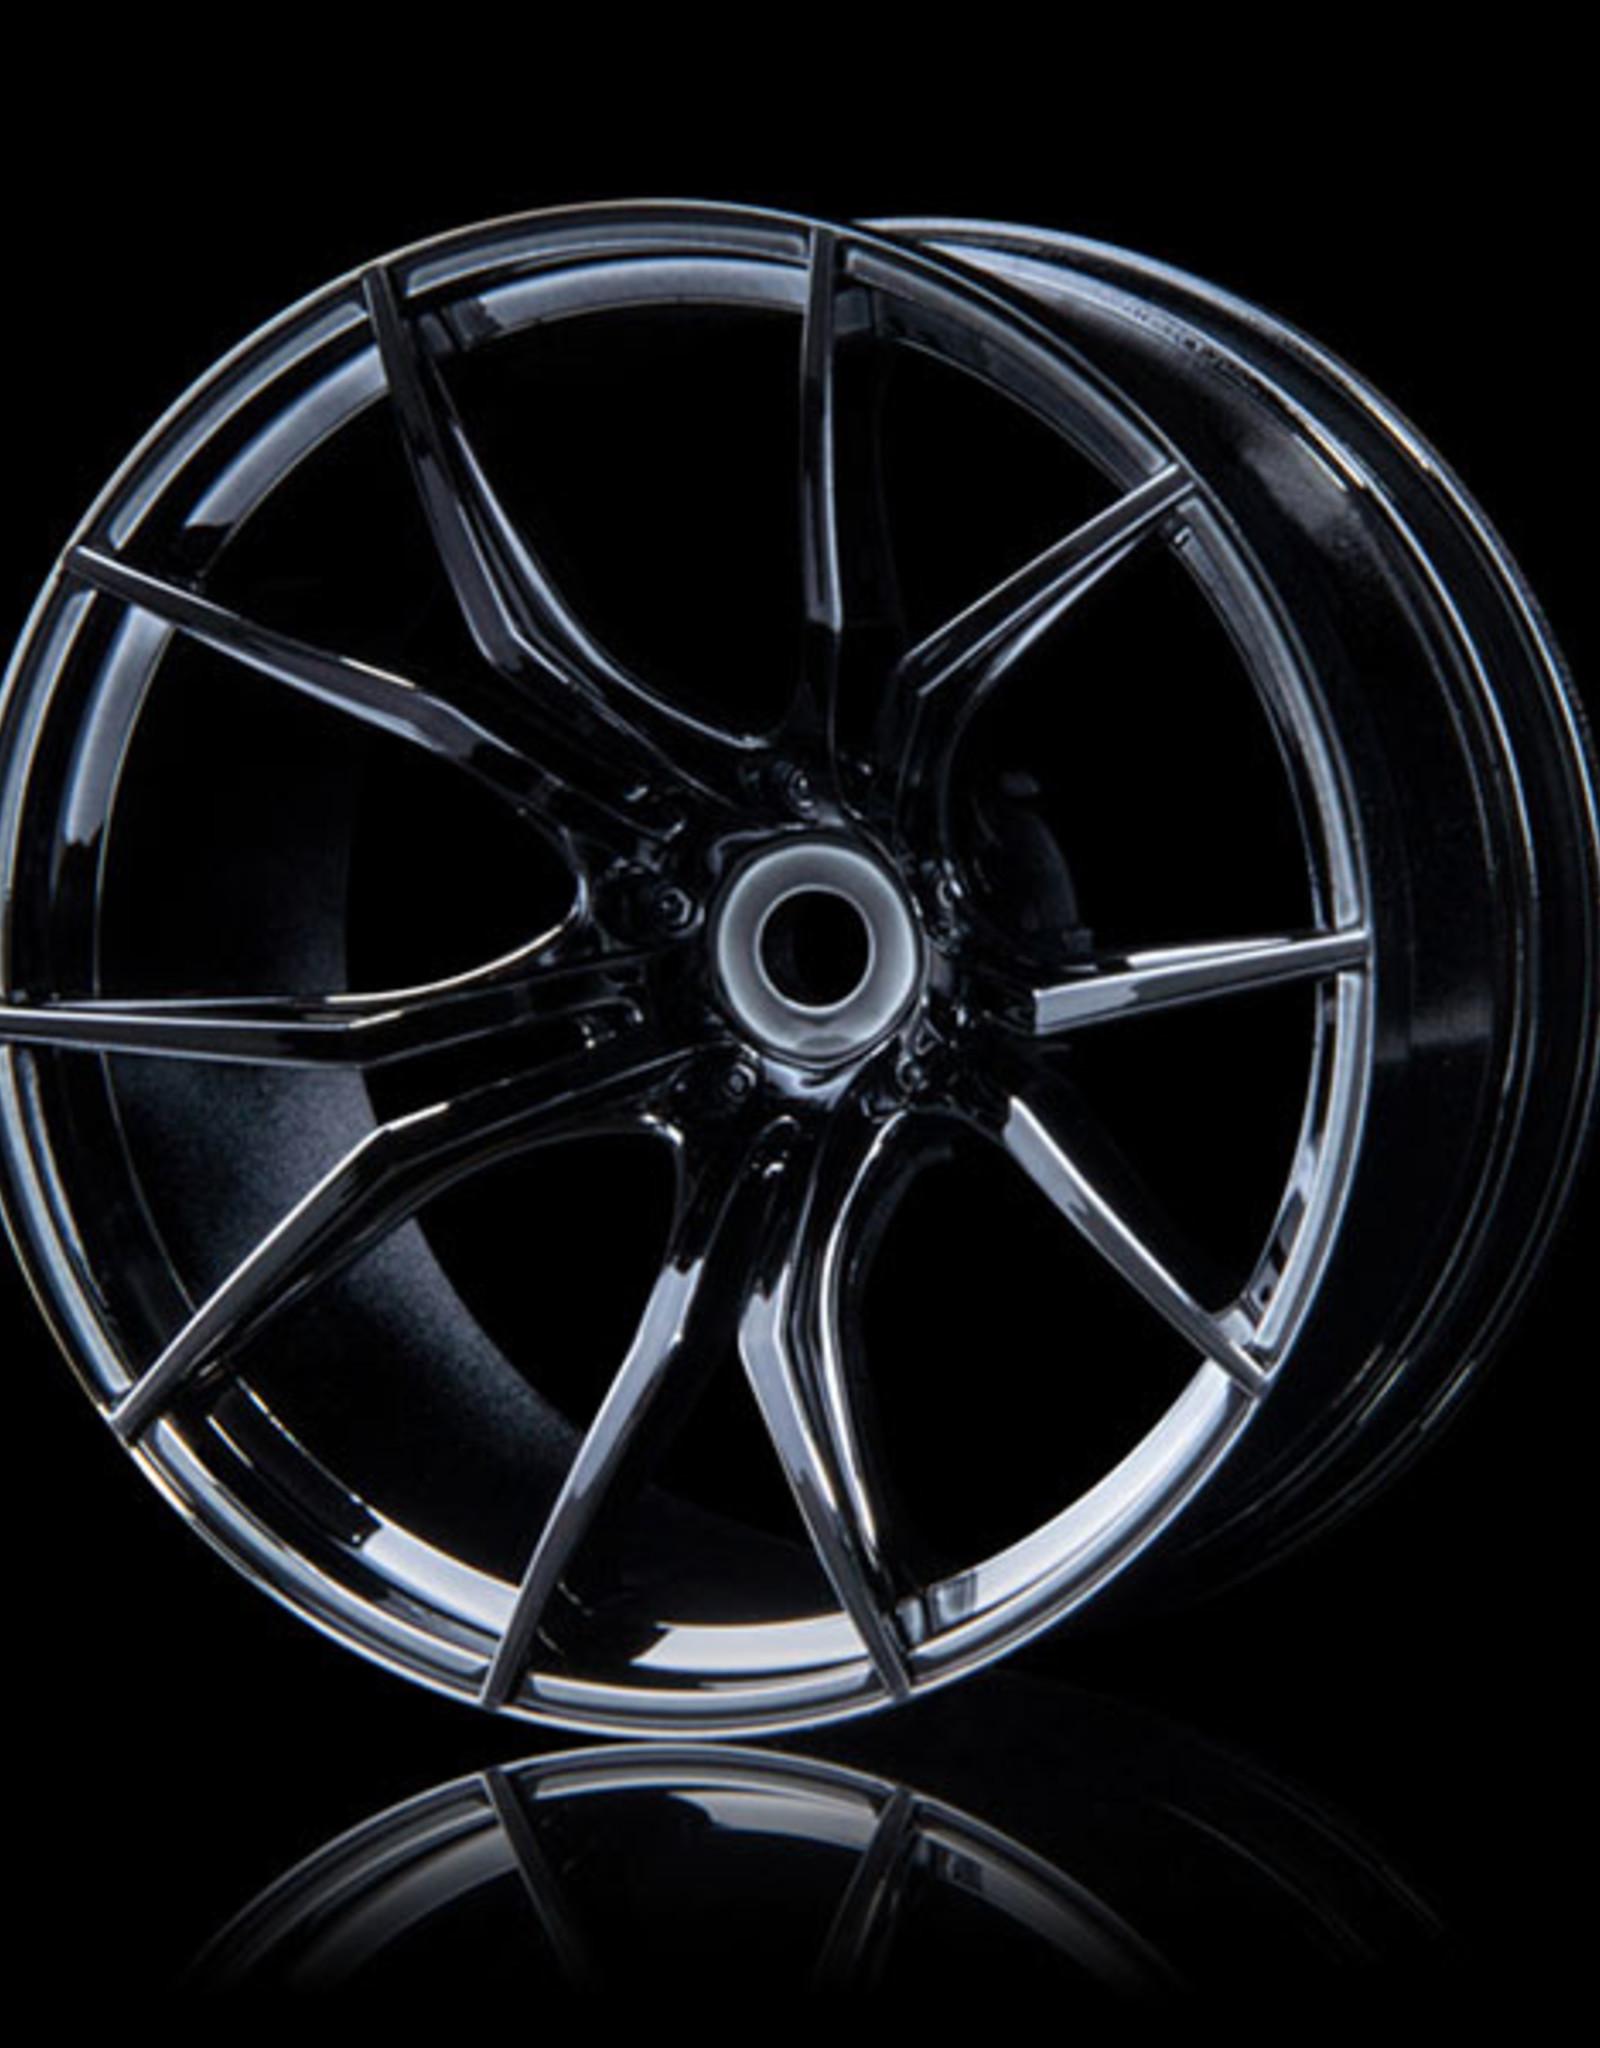 MST FX Wheel (4) by MST Silver Black 11mm